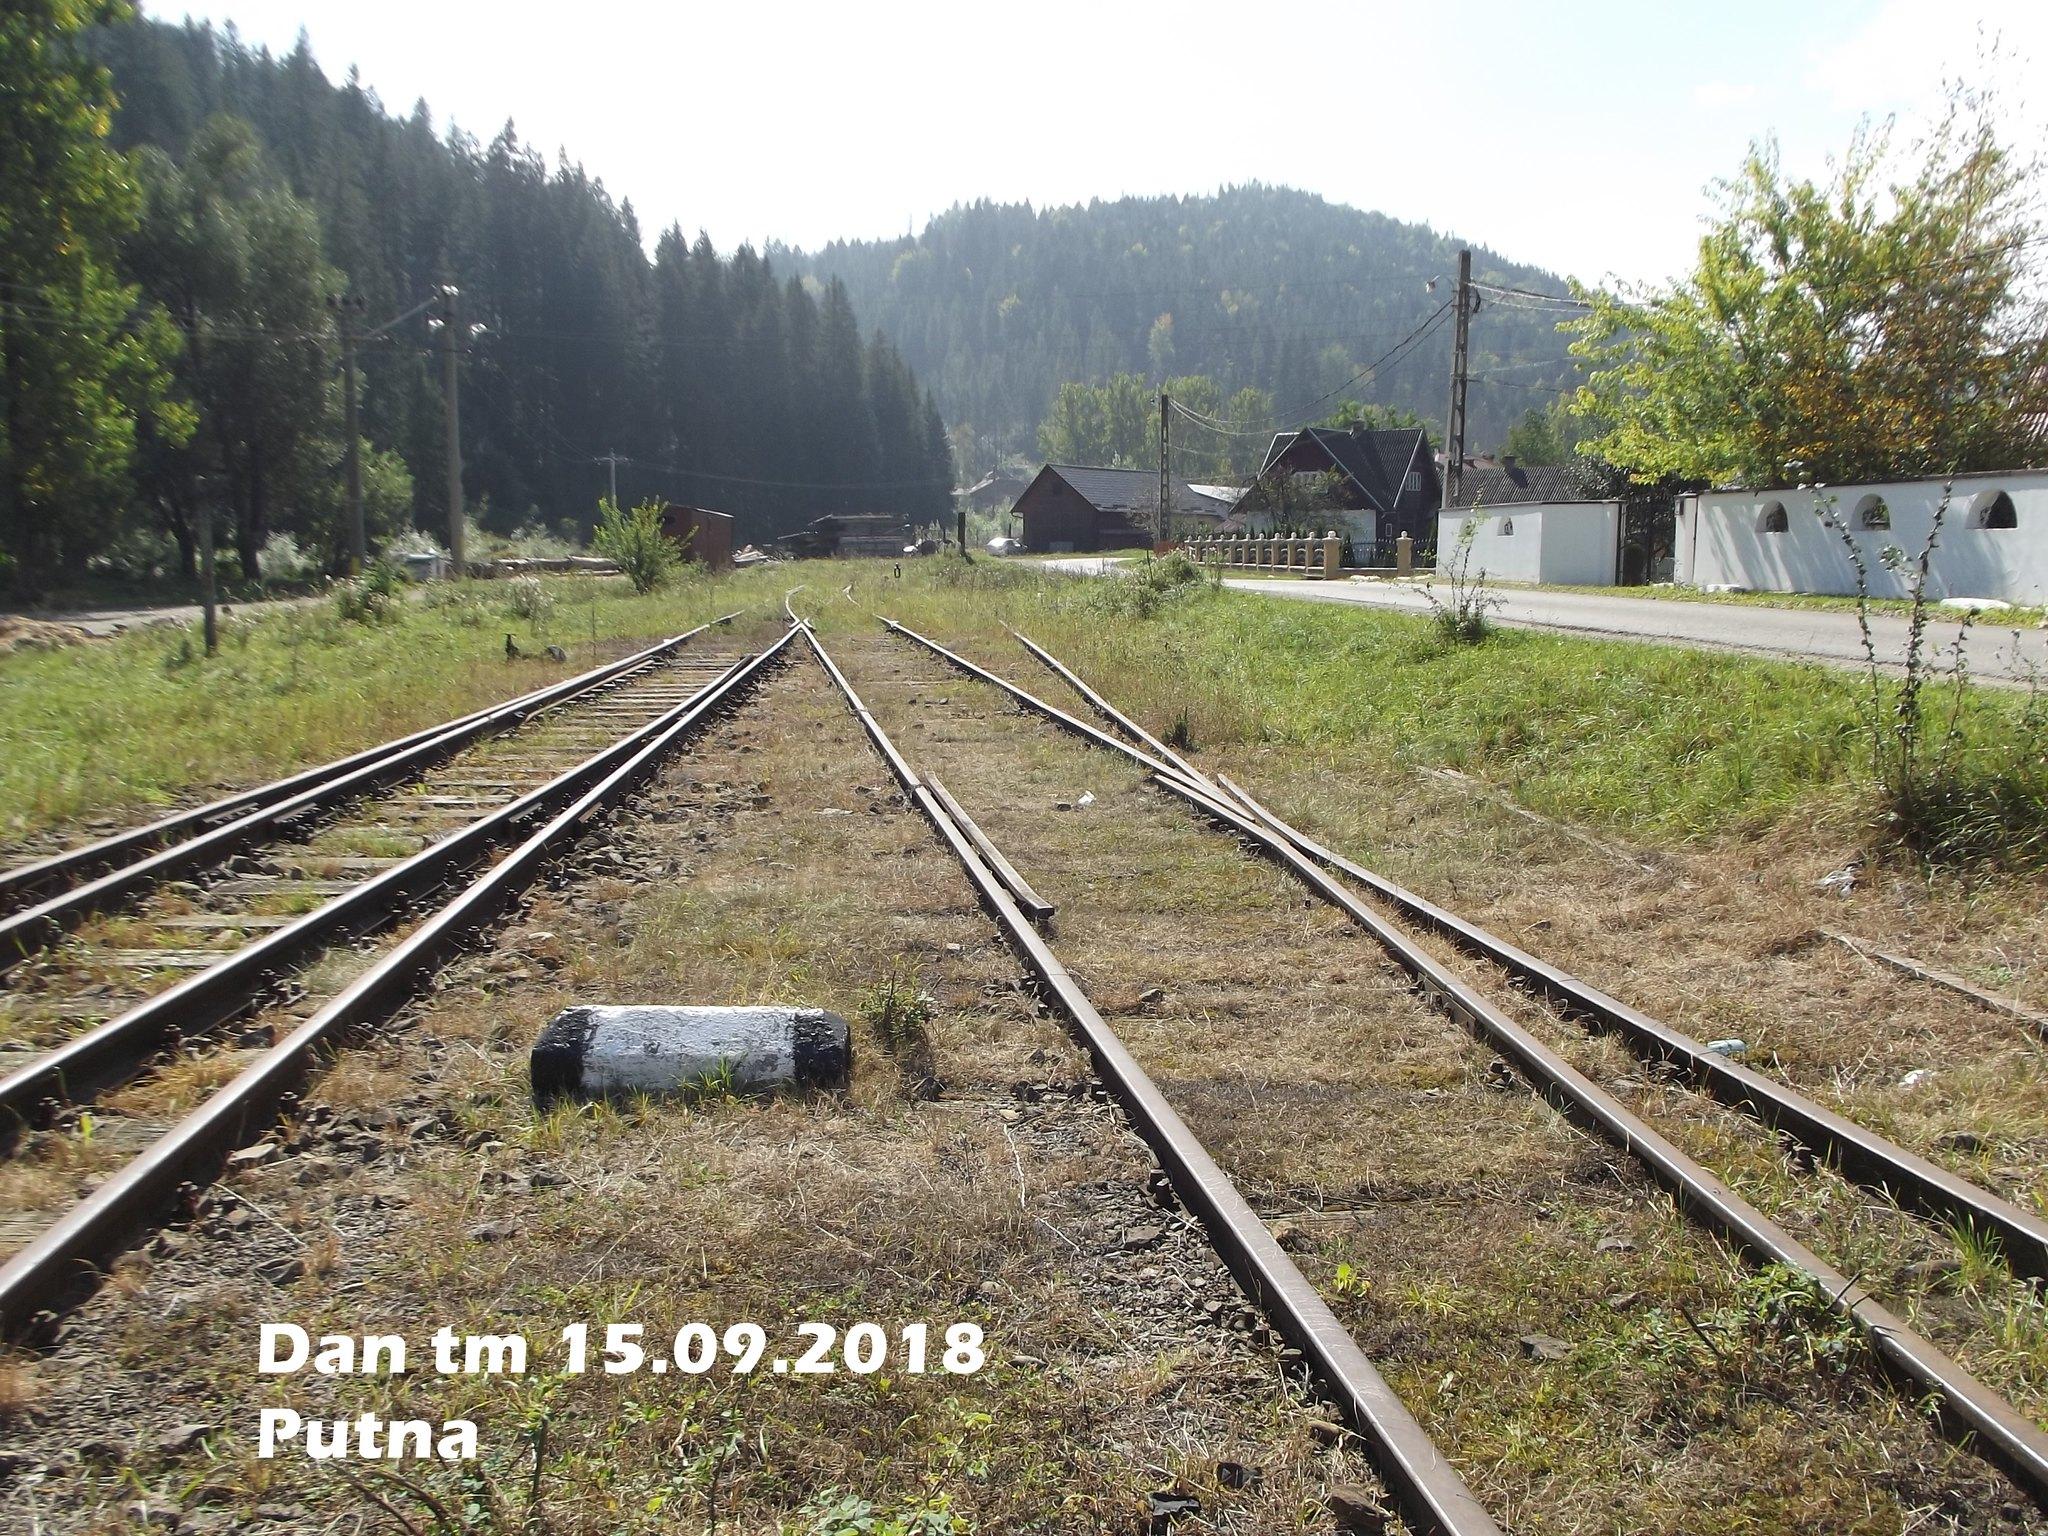 515 : Dorneşti - Gura Putnei - (Putna) - Nisipitu - Seletin UKR - Pagina 47 44685375532_5f4aa21618_k